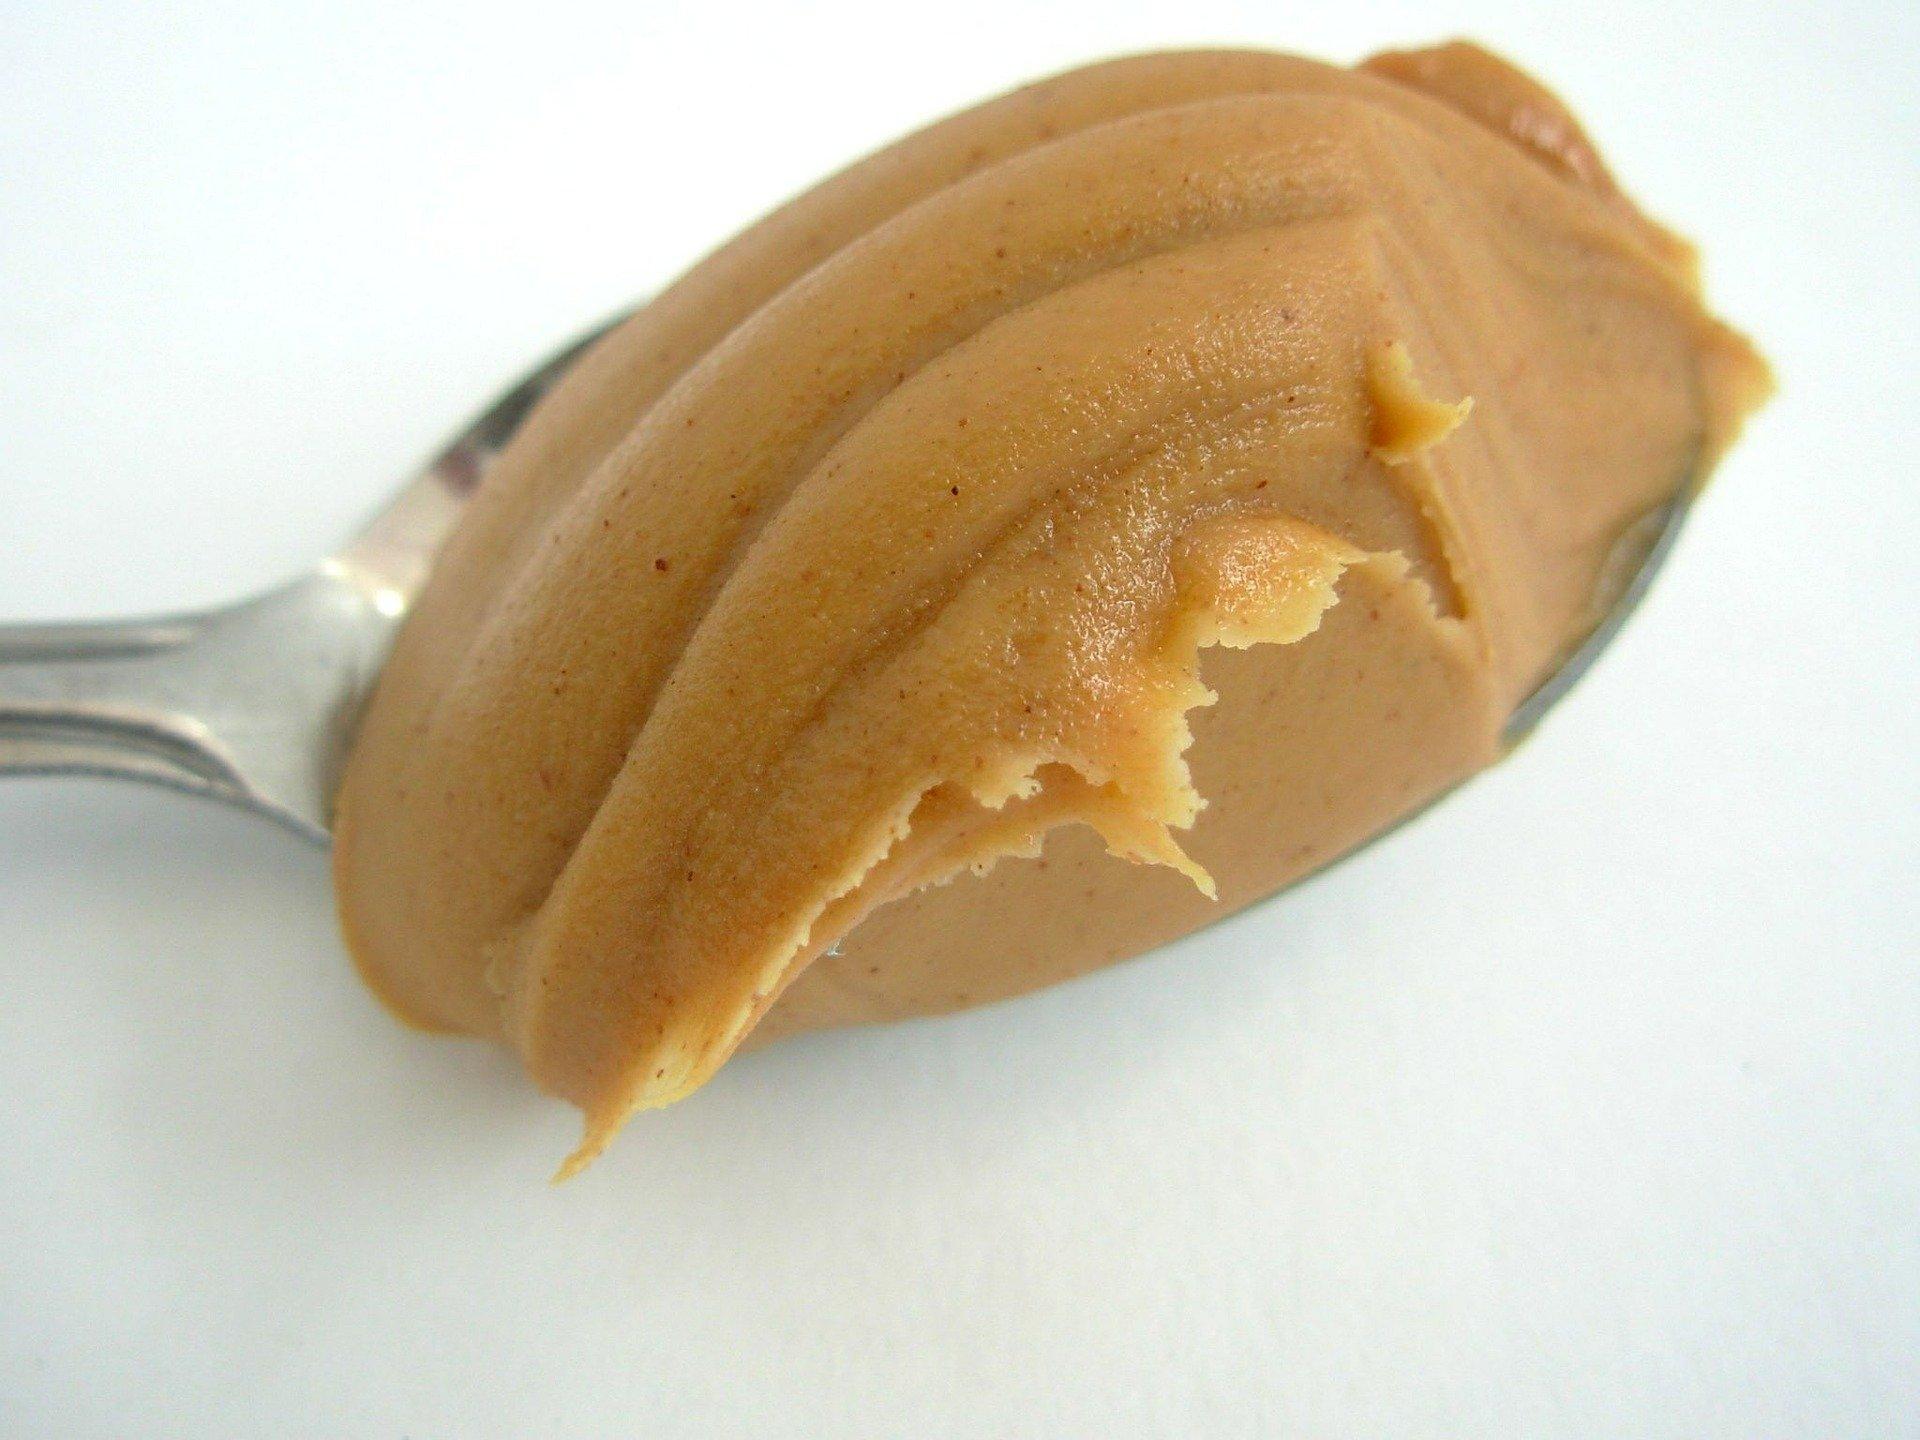 spoon of peanut butter